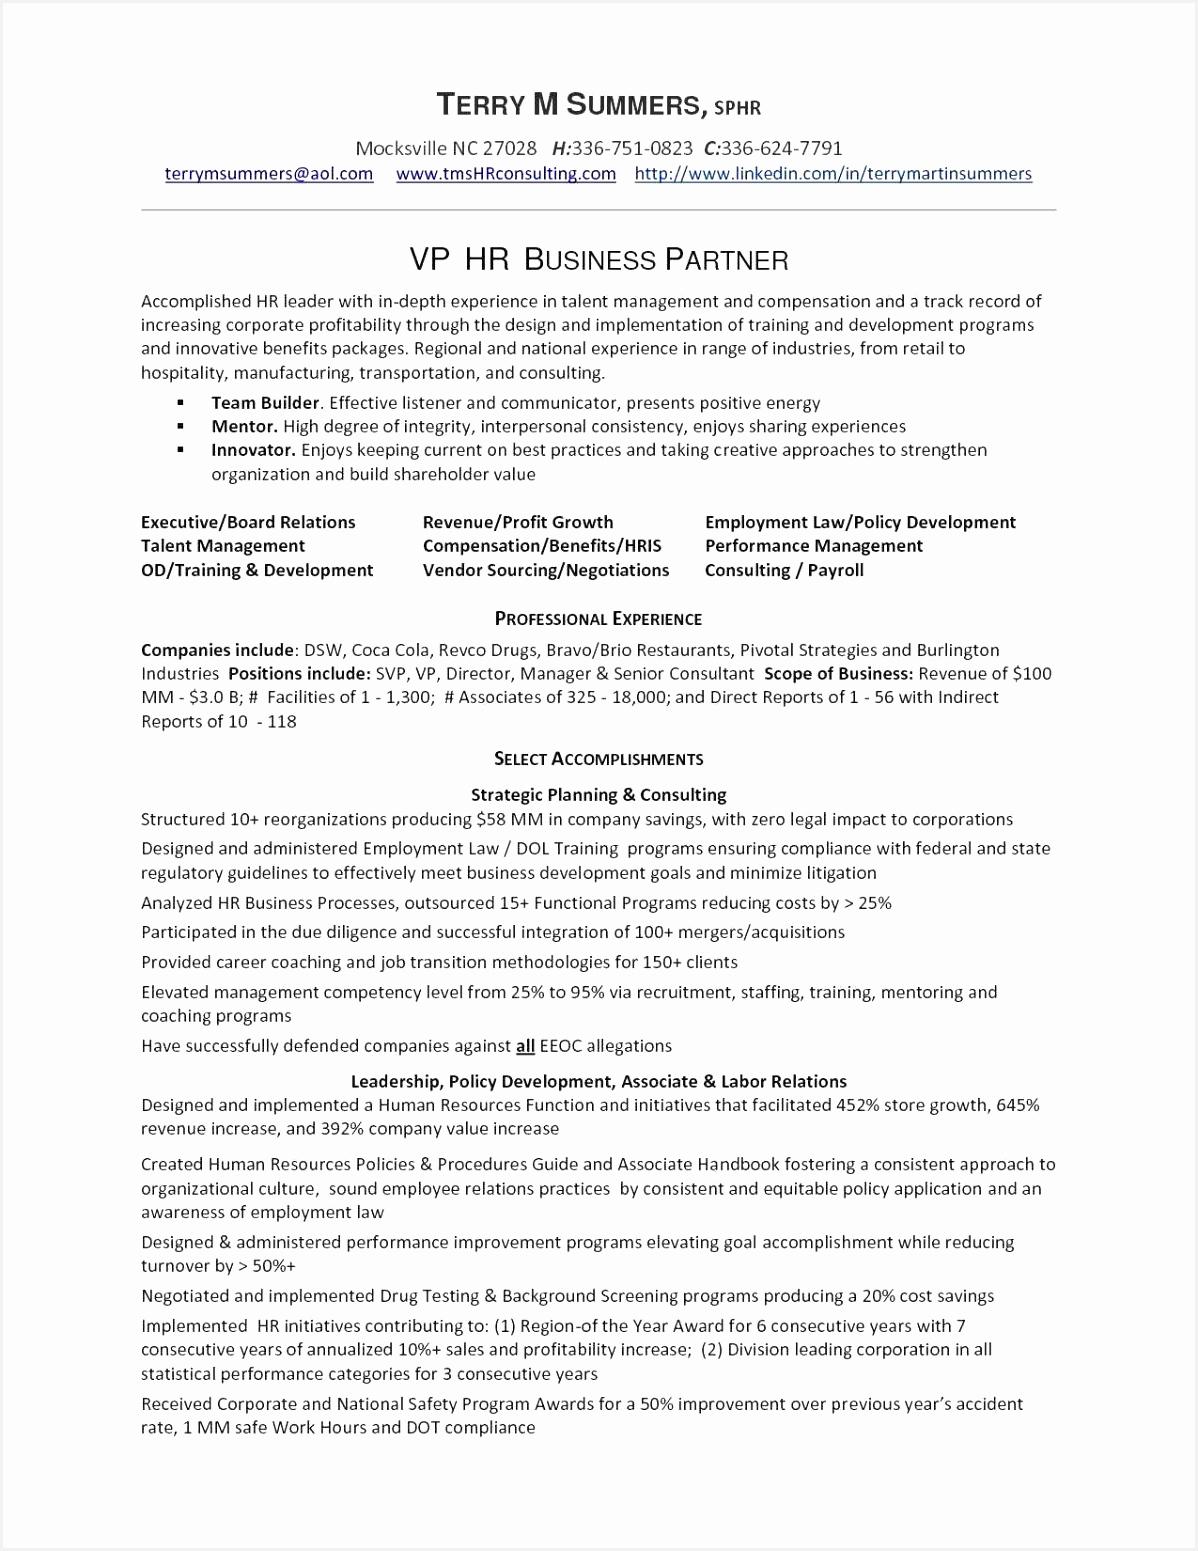 Sales Representative Sample Resume Wysrr Awesome Free Download Resume Sample Sales Representative Professional Resume Of 6 Sales Representative Sample Resume